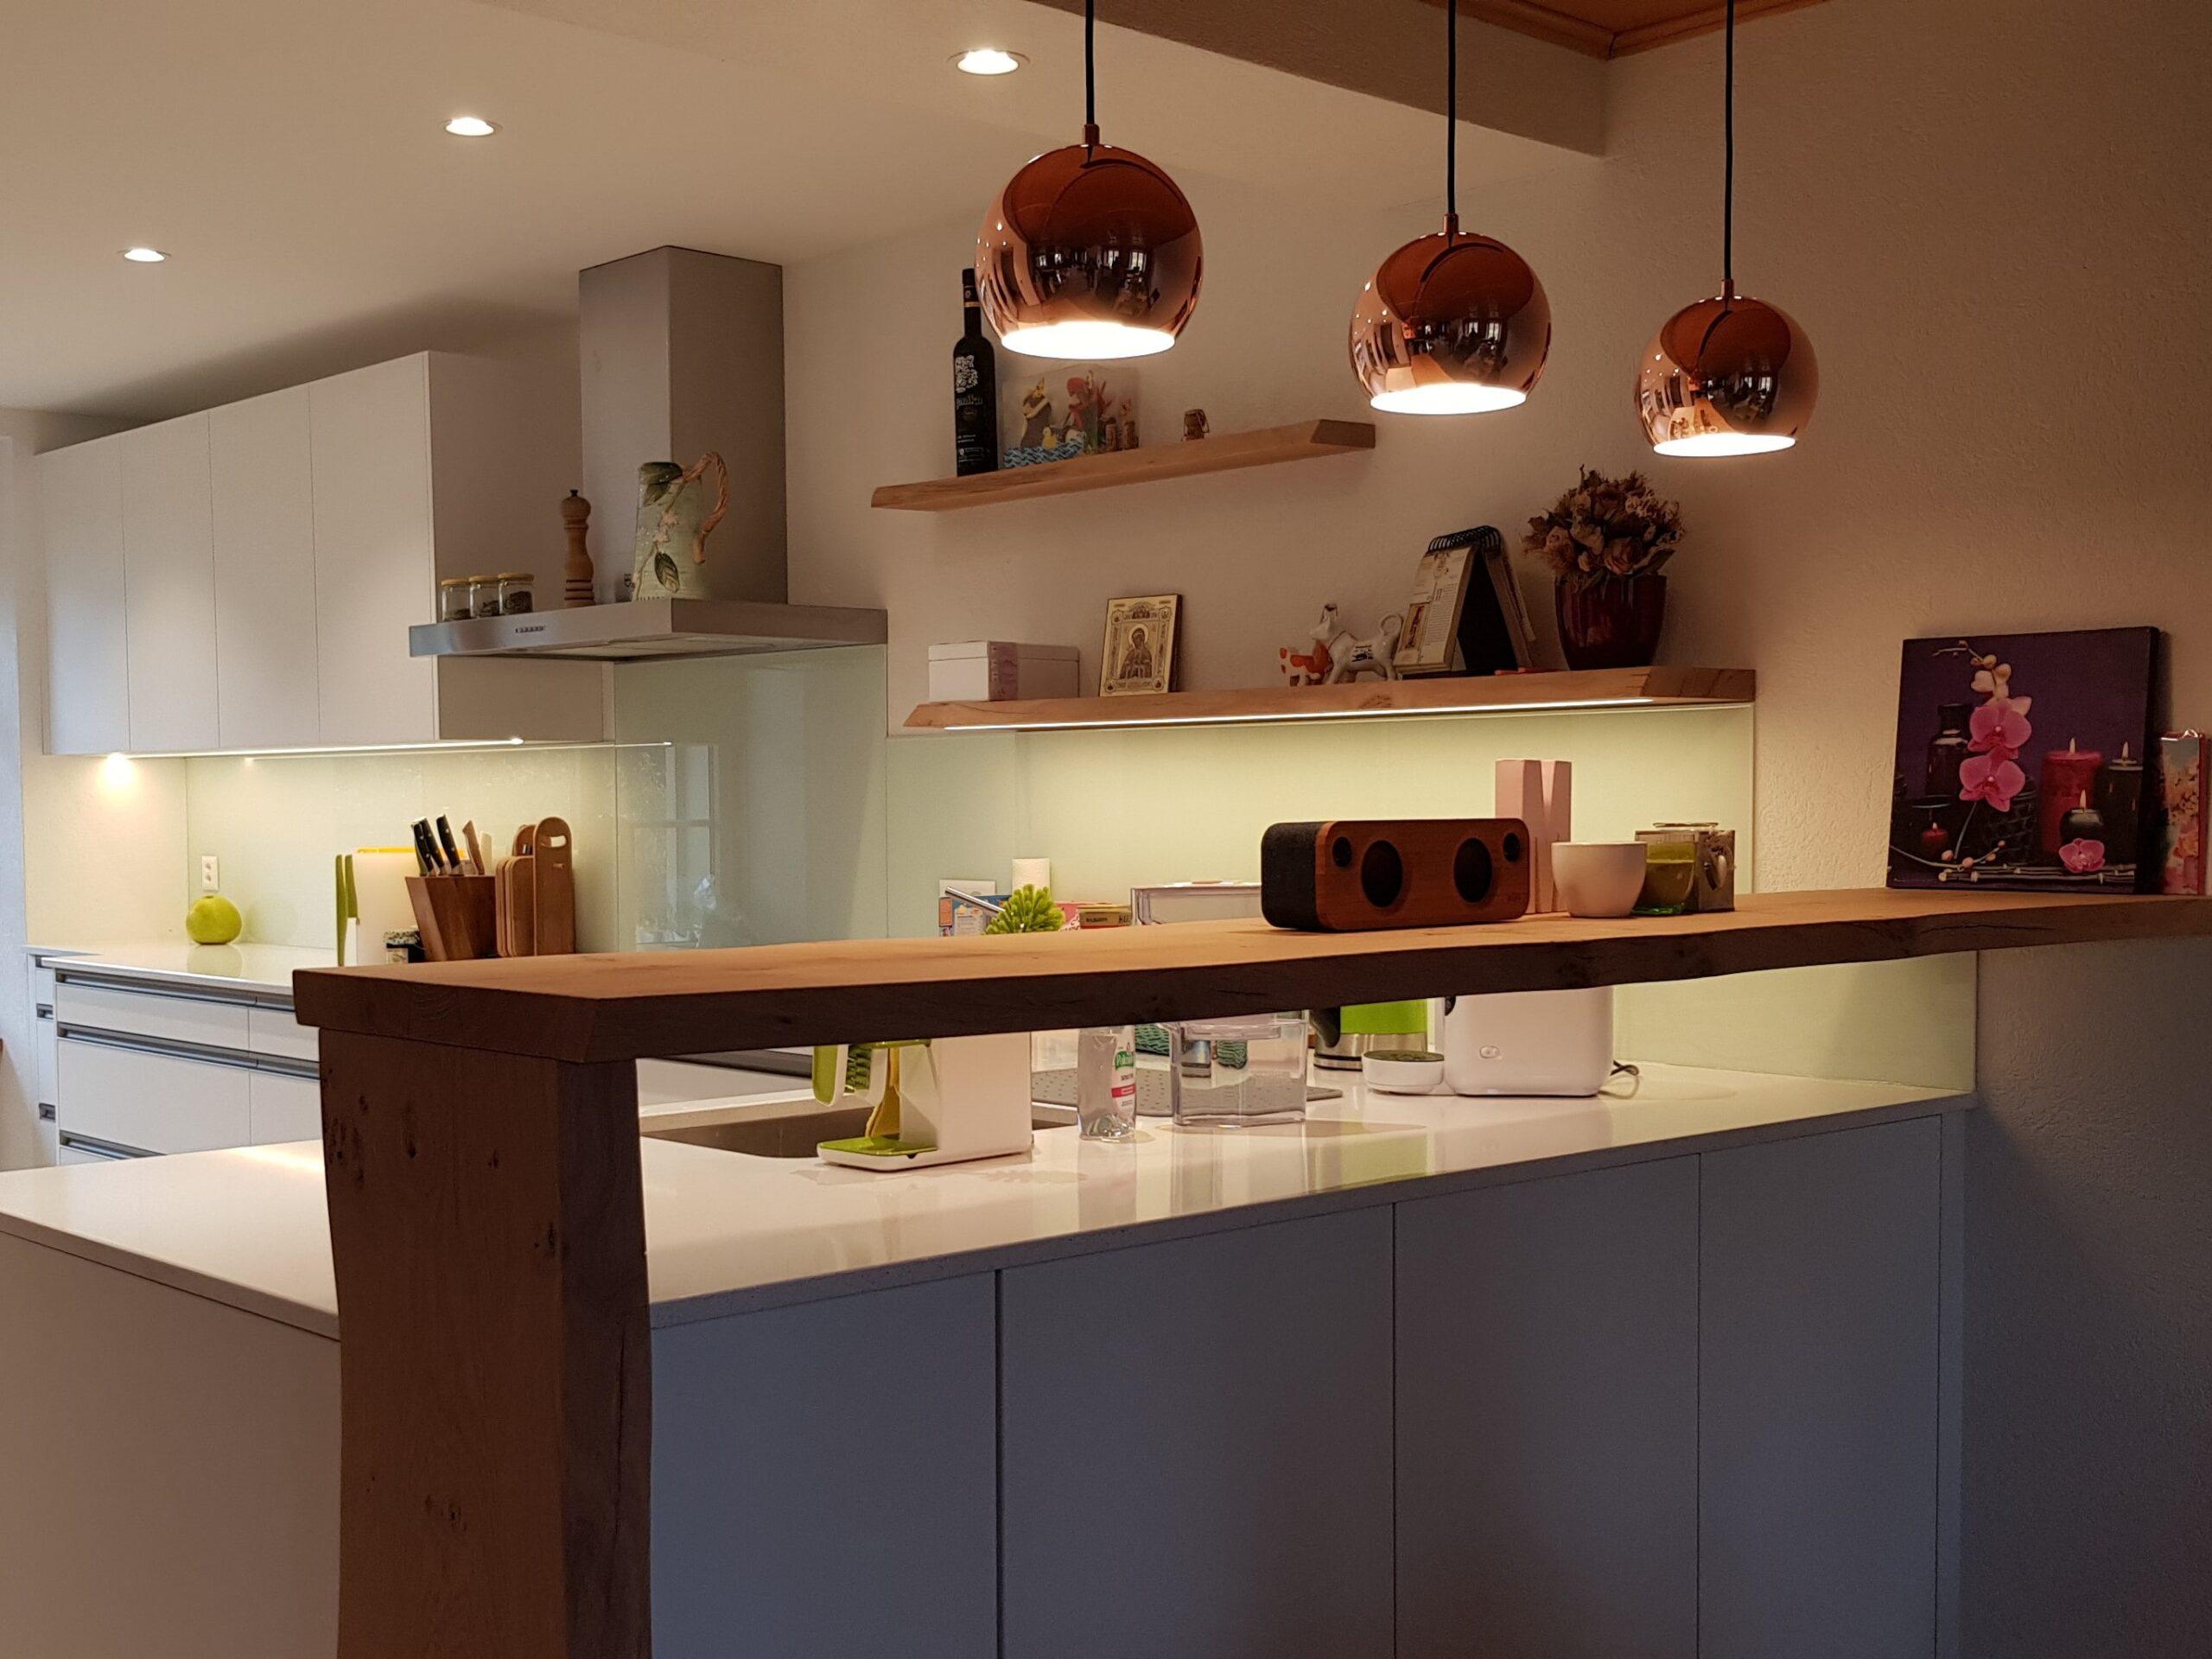 Wooddesign_Holzleuchten_LED-Beleuchtung_Licht_Indirekte Beleuchtung_Direkte Beleuchtung_Holzdesign (10)-min